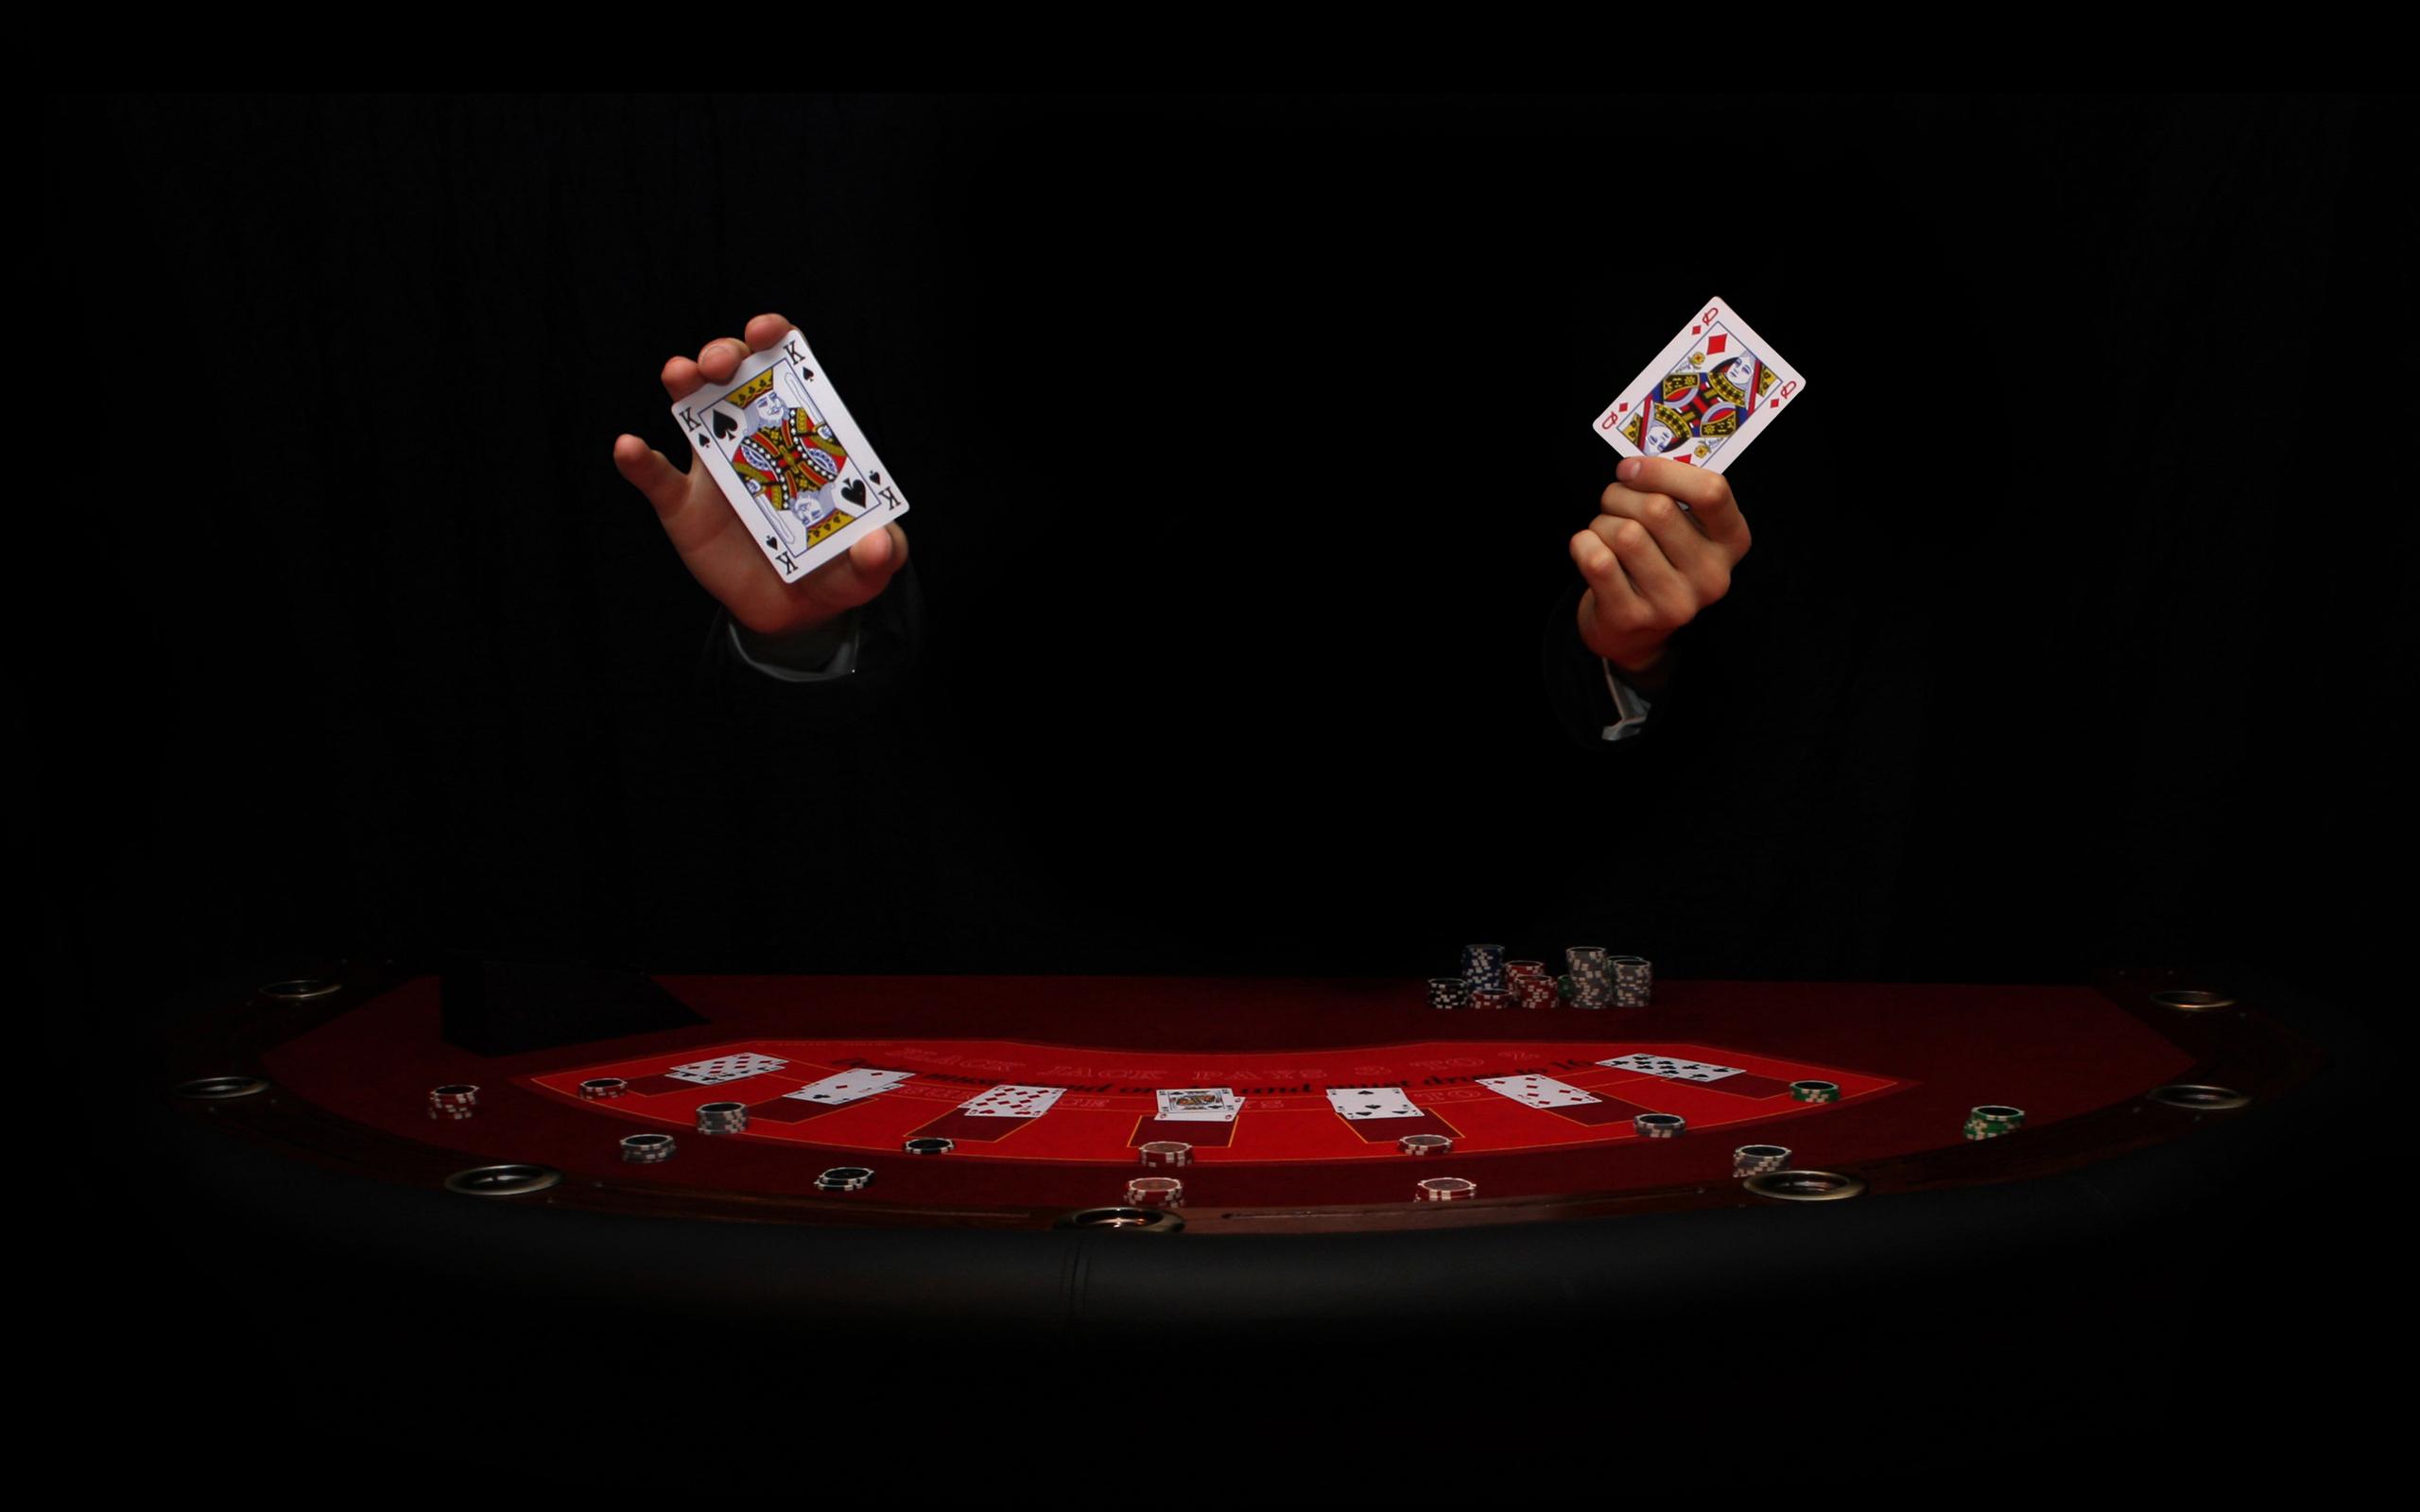 Азартные игры на филлипинах